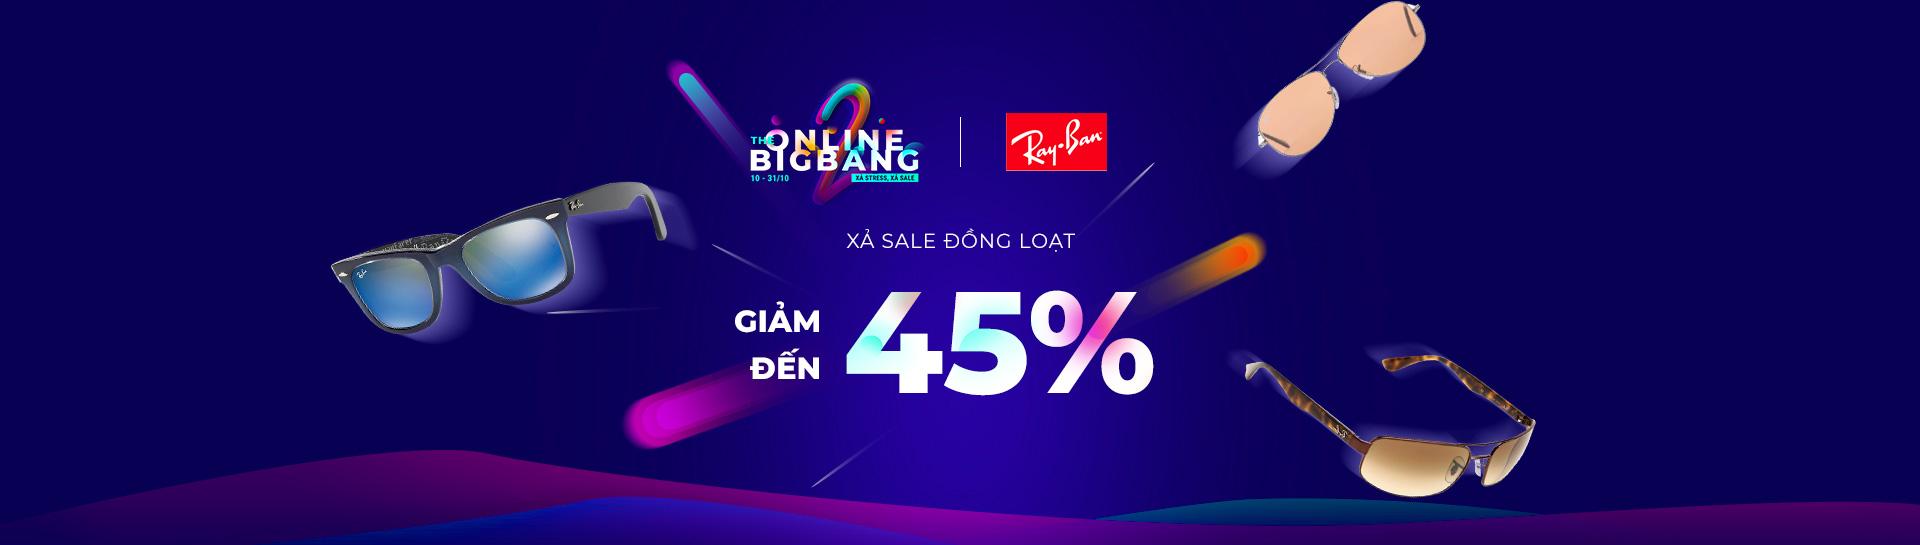 Hình ảnh Rayban - Giảm đến 40%